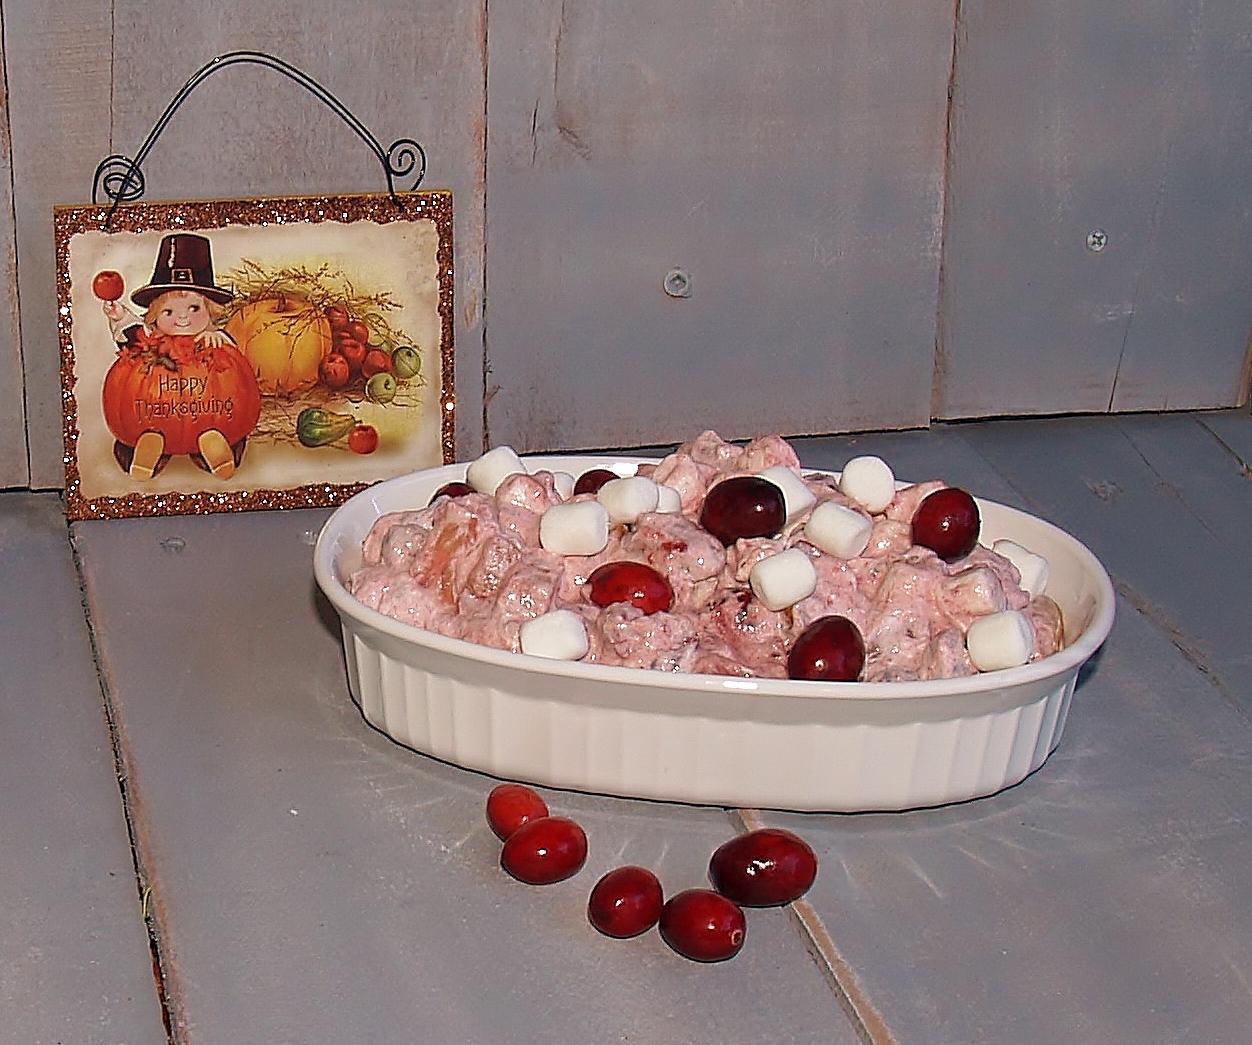 Cranberry Fluff